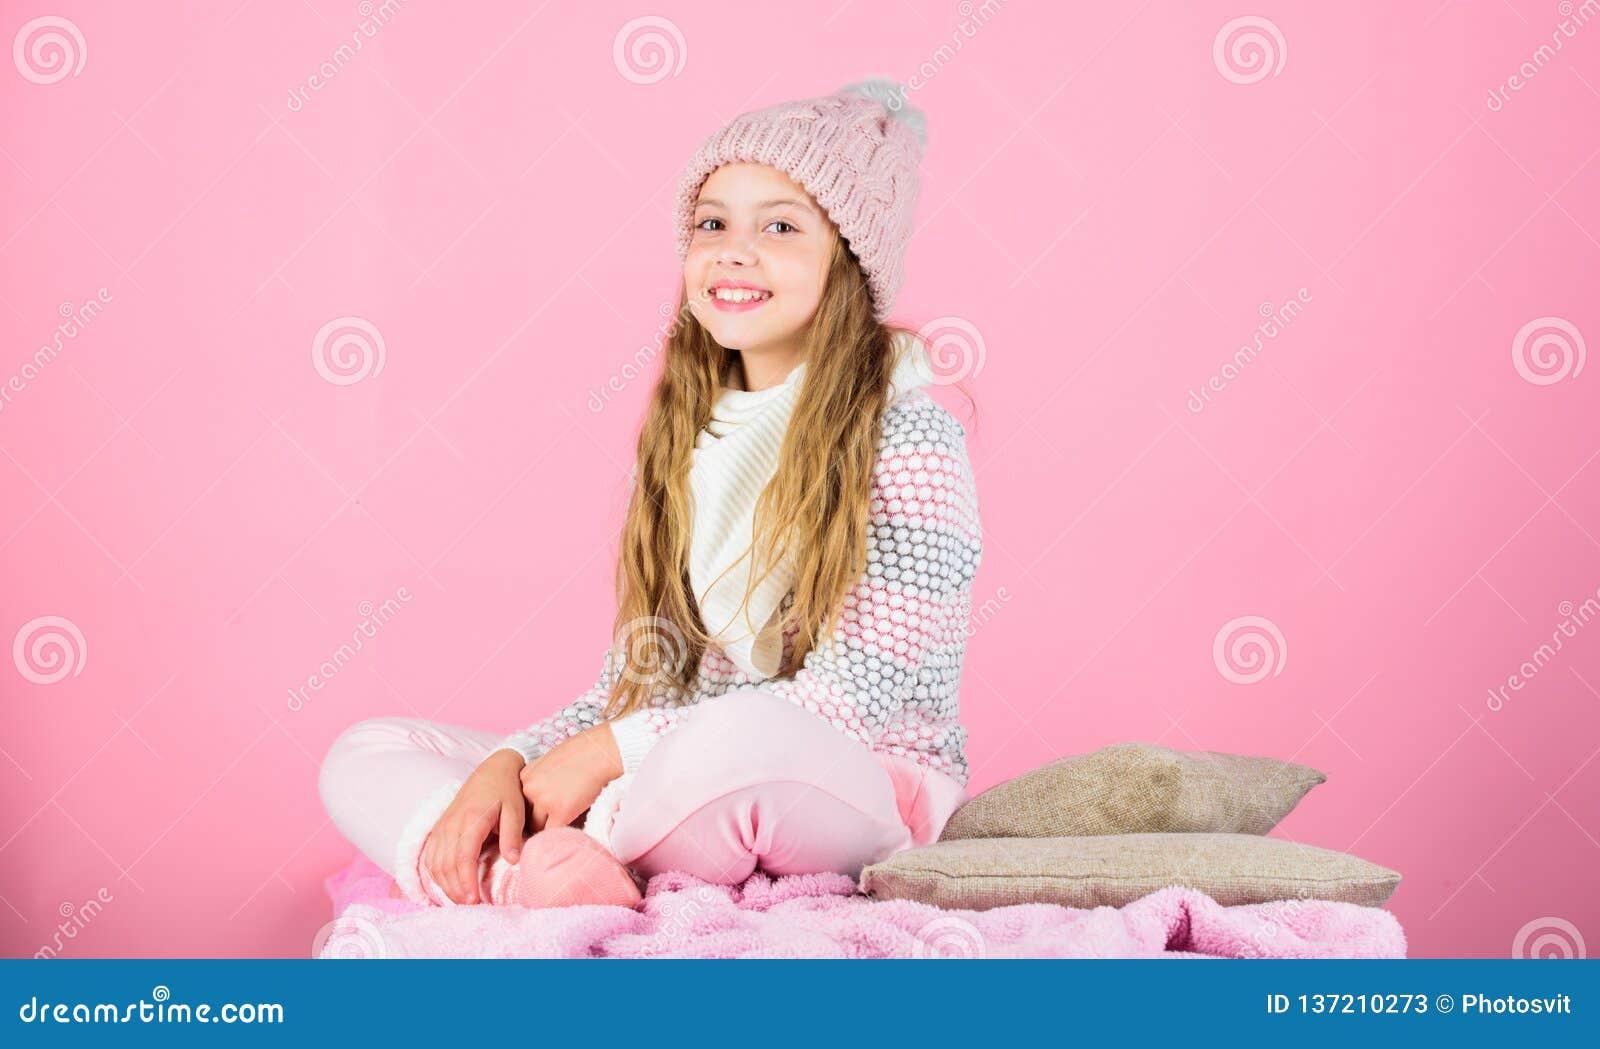 El desgaste de la muchacha del niño hizo punto el fondo suave del rosa del sombrero Mantenga los géneros de punto suaves después